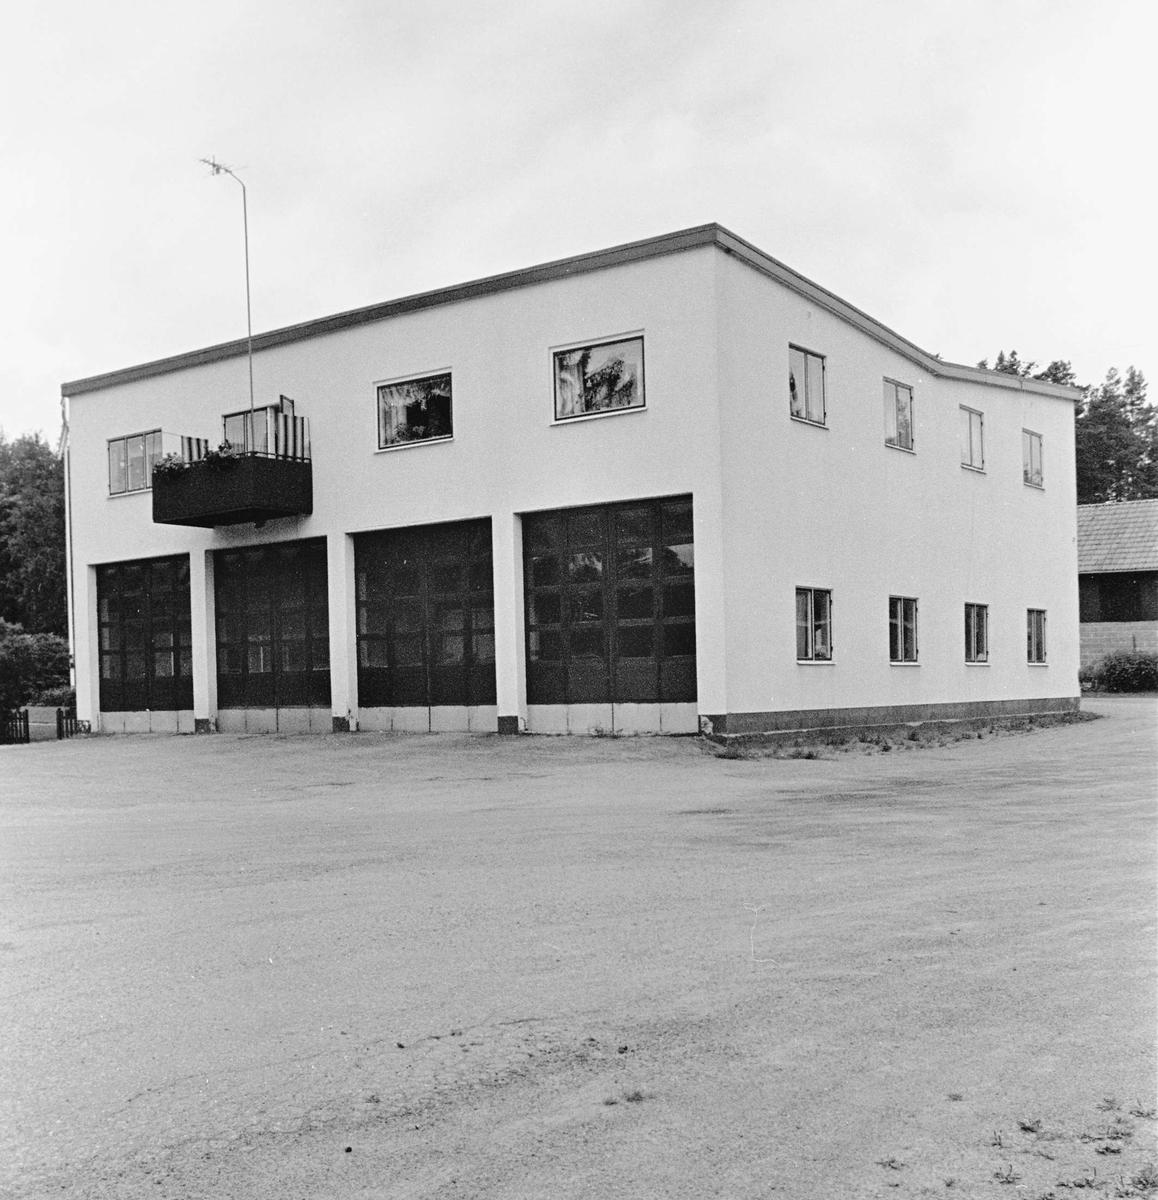 F d bussgarage och bostadshus, Hjälmunge, Hållnäs socken, Uppland 2000